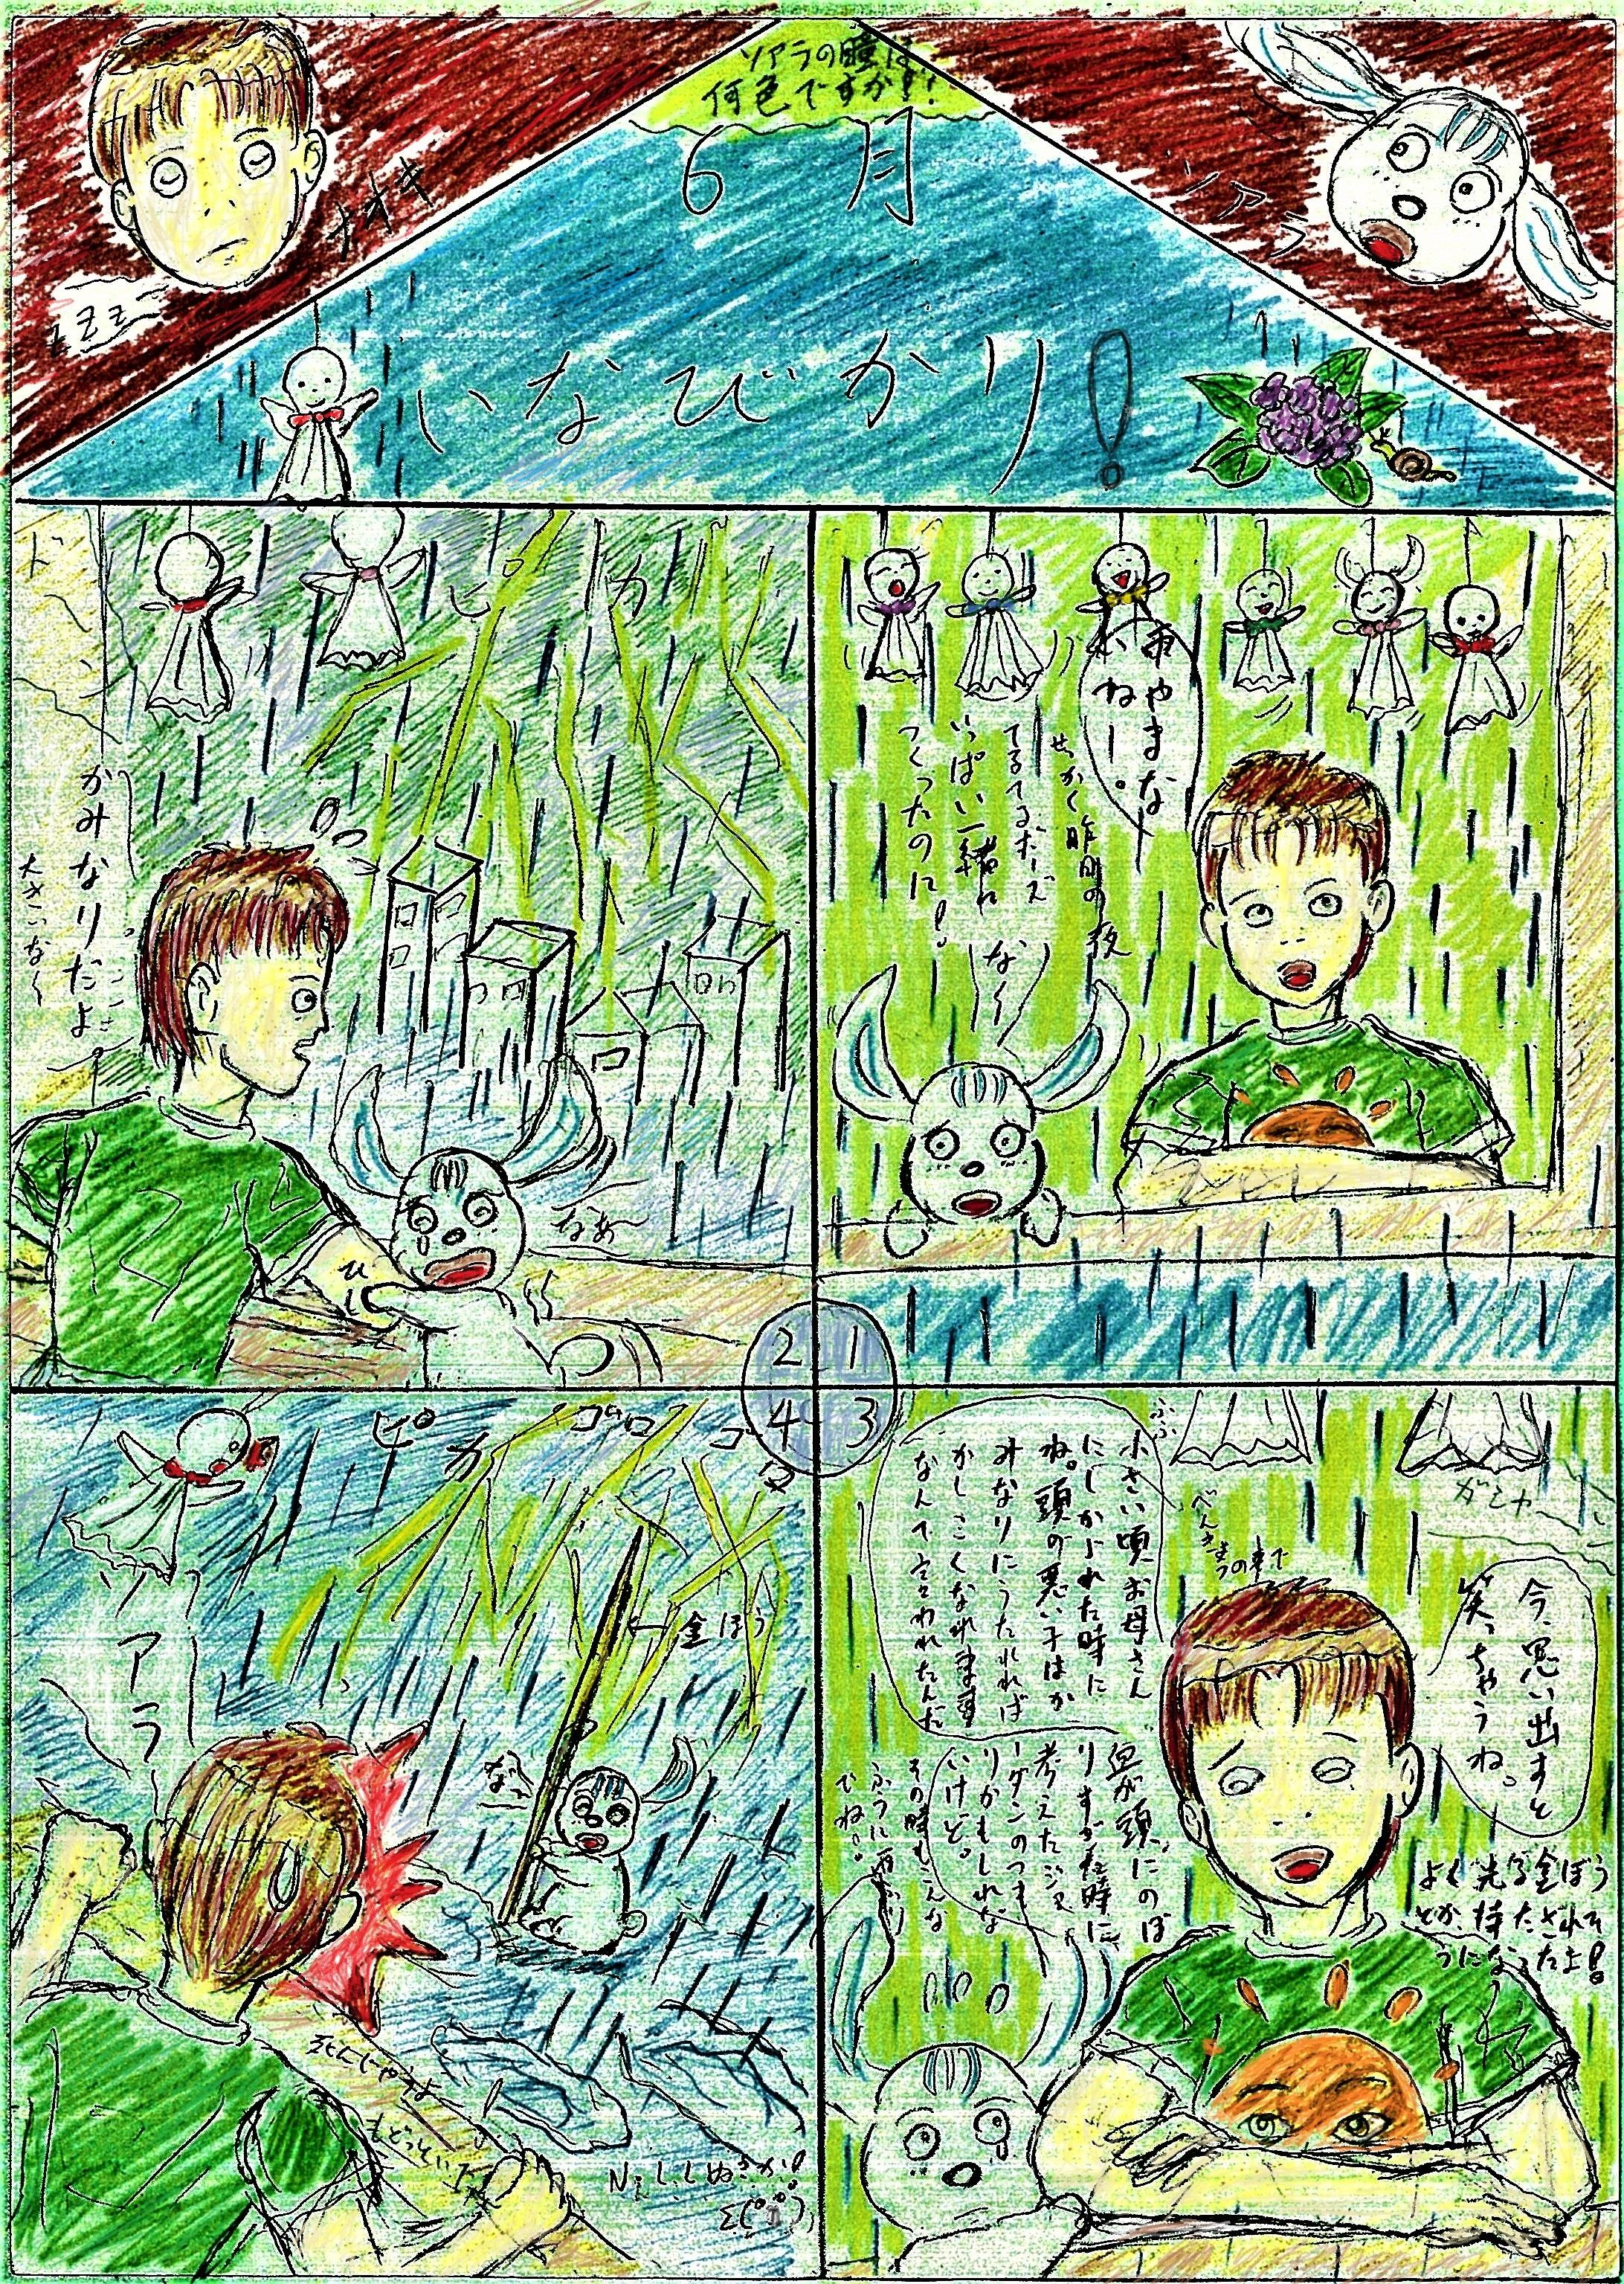 ほのぼのホームコメディー(ソア